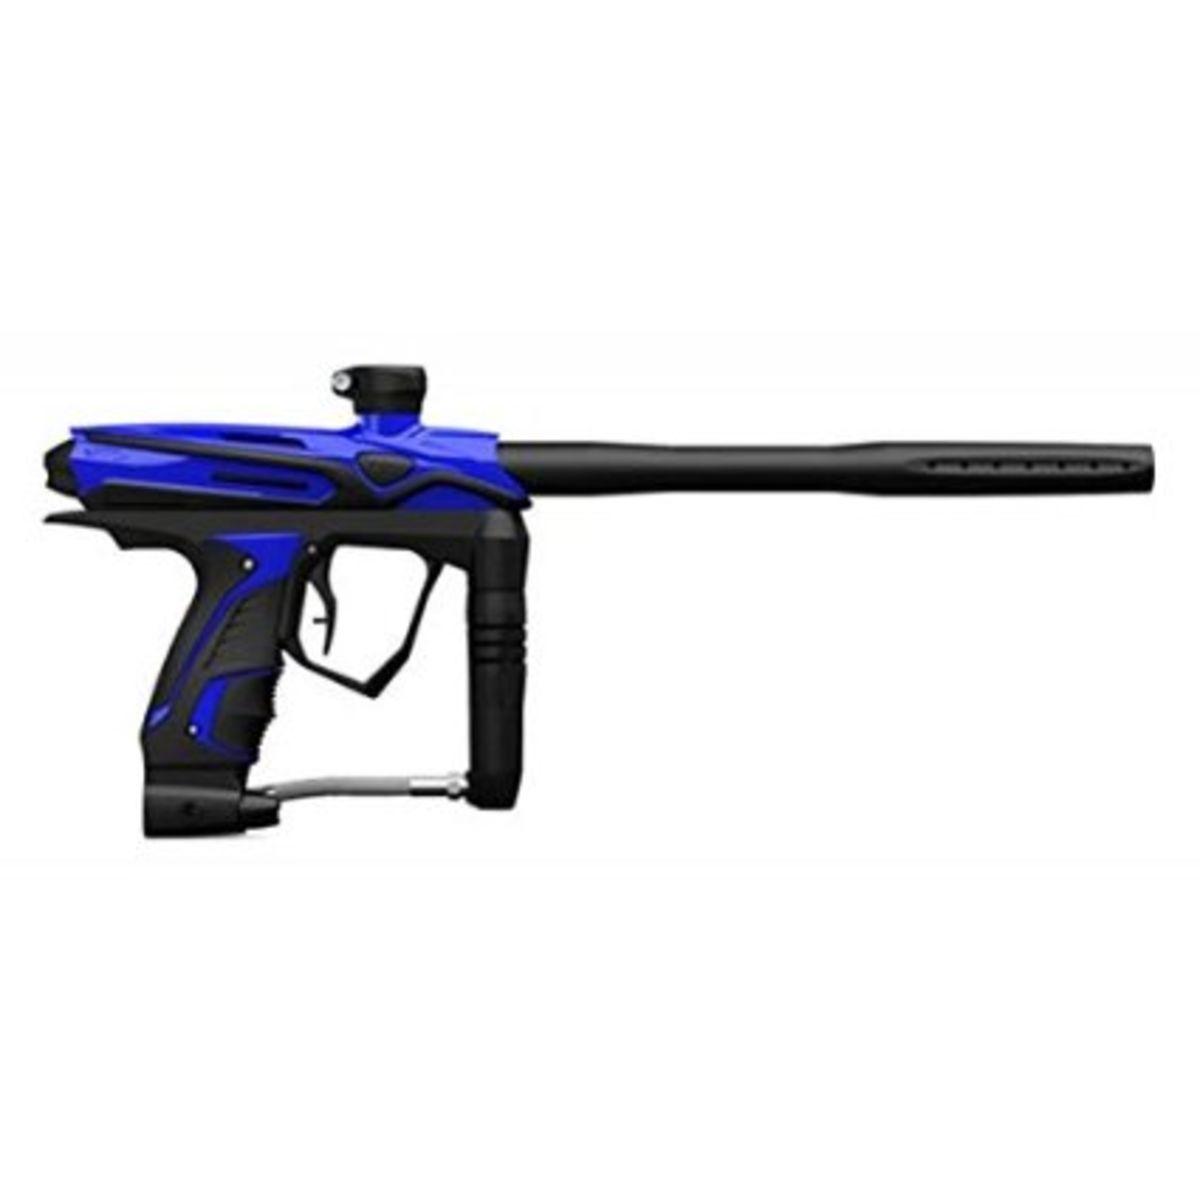 Woods ball paintball guns